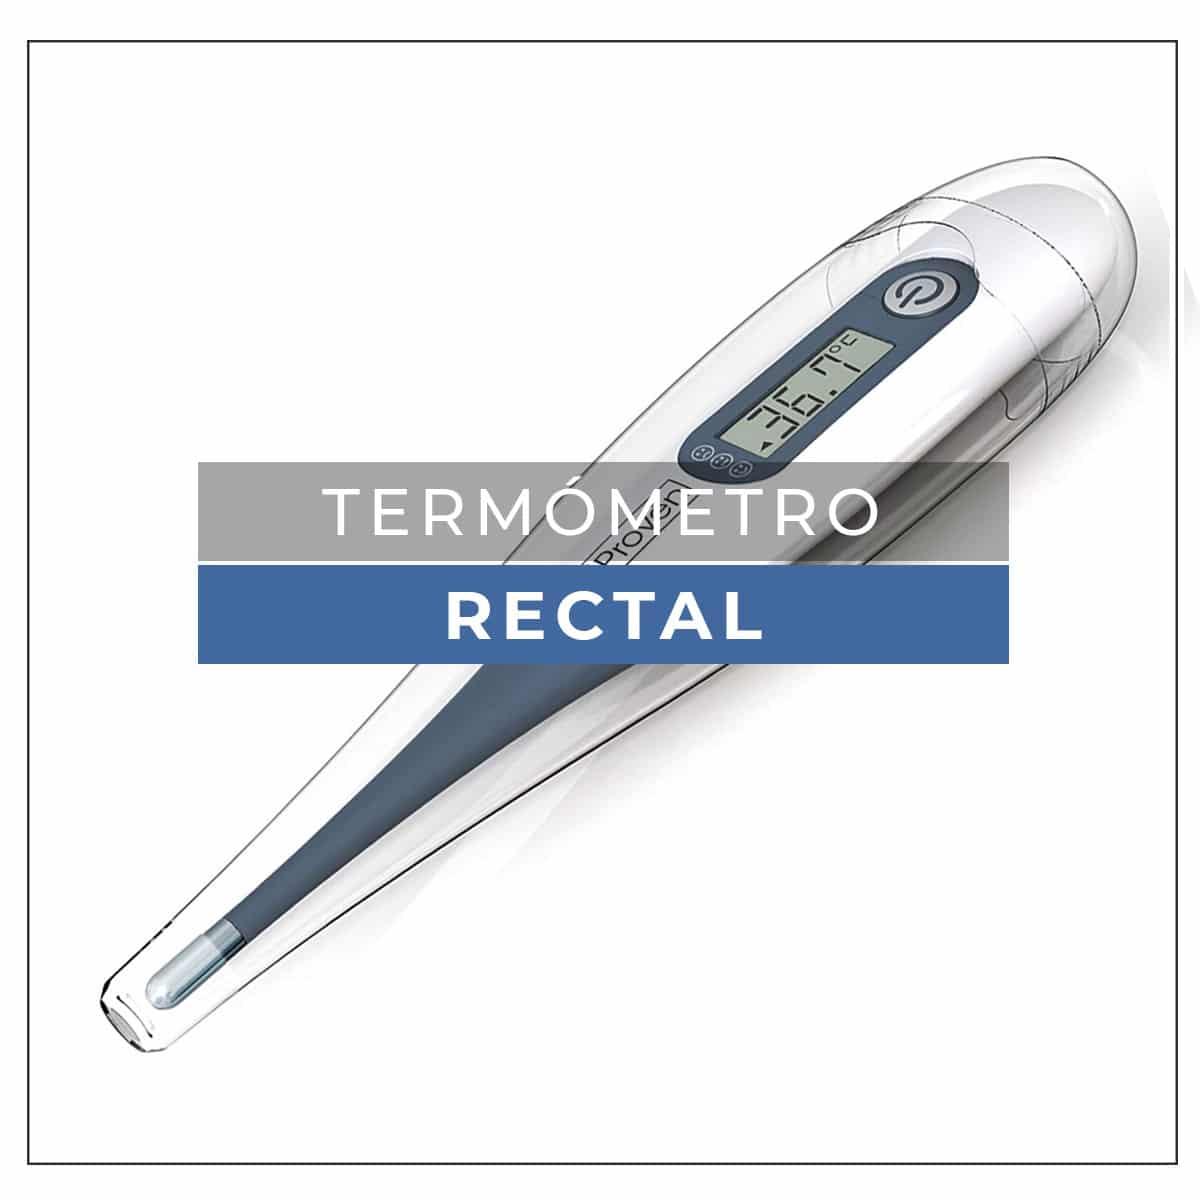 termometro rectal